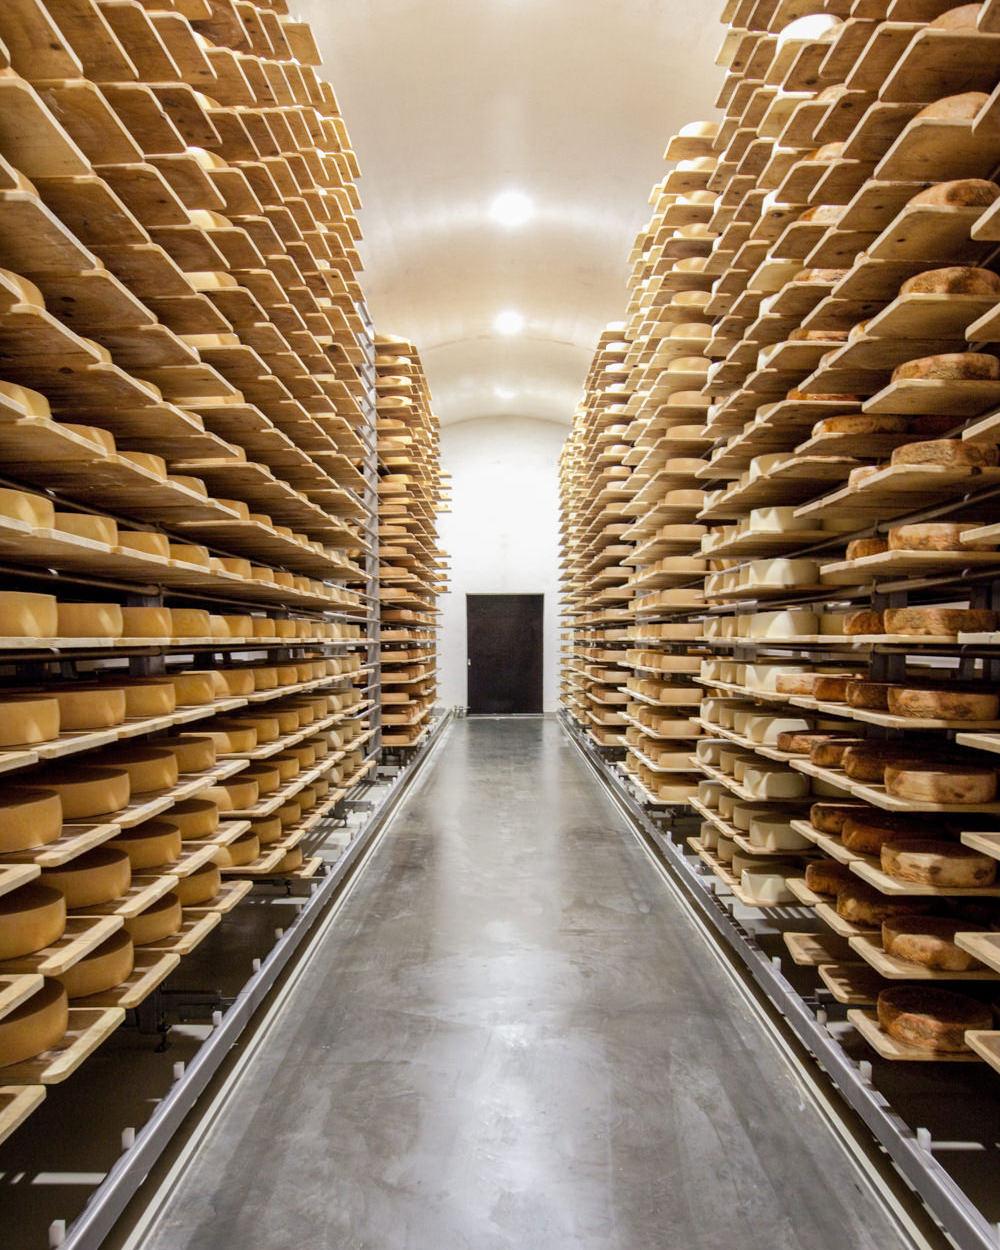 honhardter demeter höfe dorfkäserei geifertshofen käseherstellung Keller Regale heumilch Reifen Käserei jörn strojny